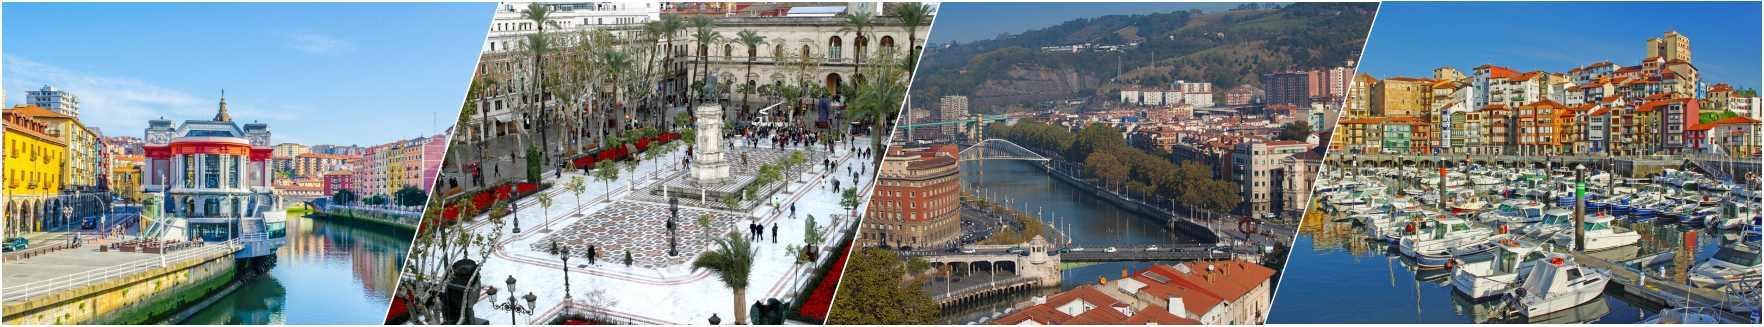 Bilbao - Piaza Nueva - Vizcaya - Bremeo